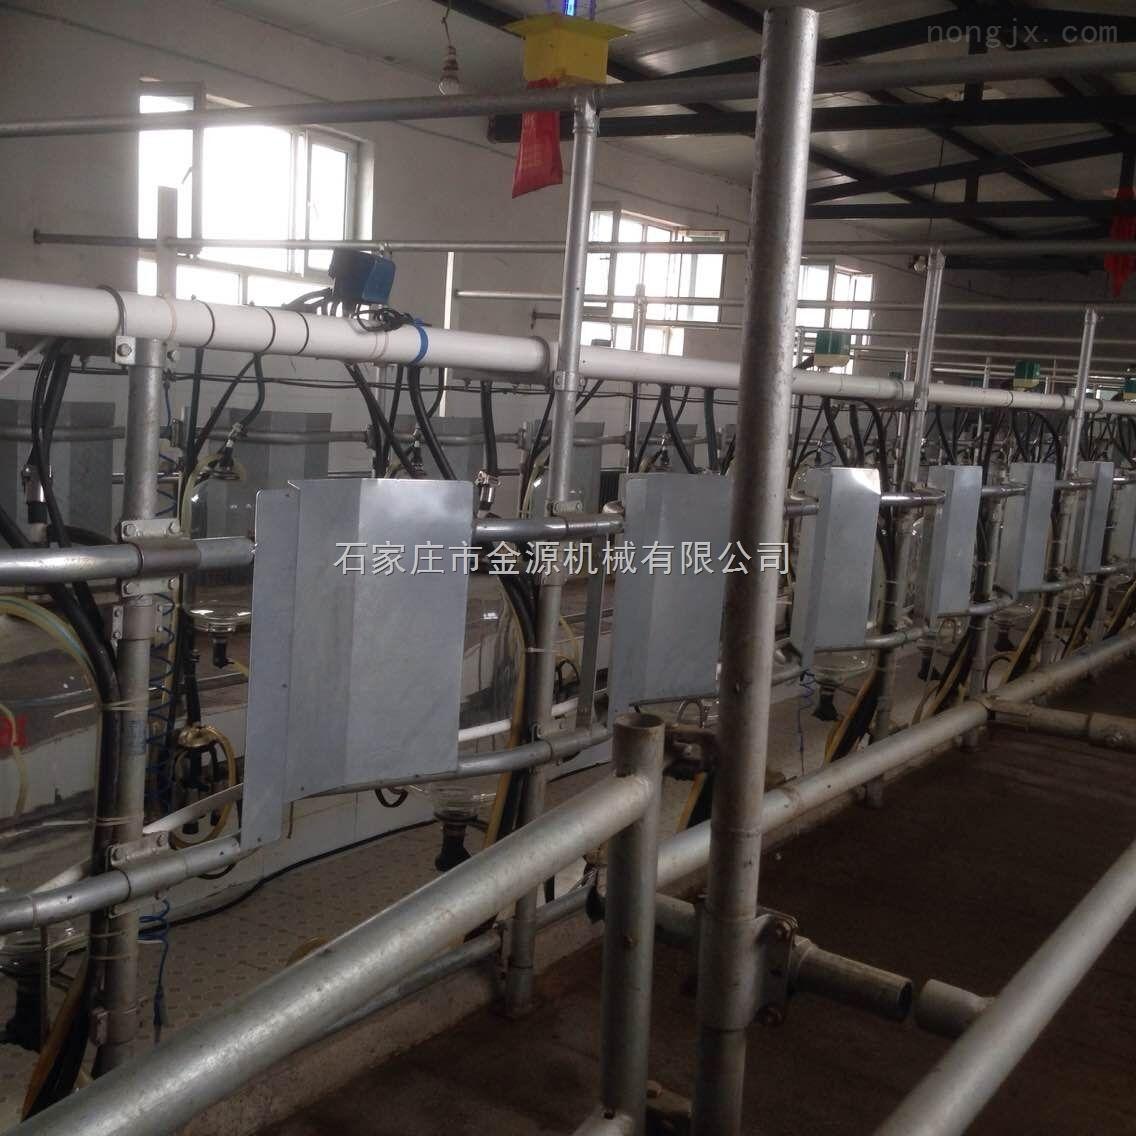 生产鱼骨式挤奶机